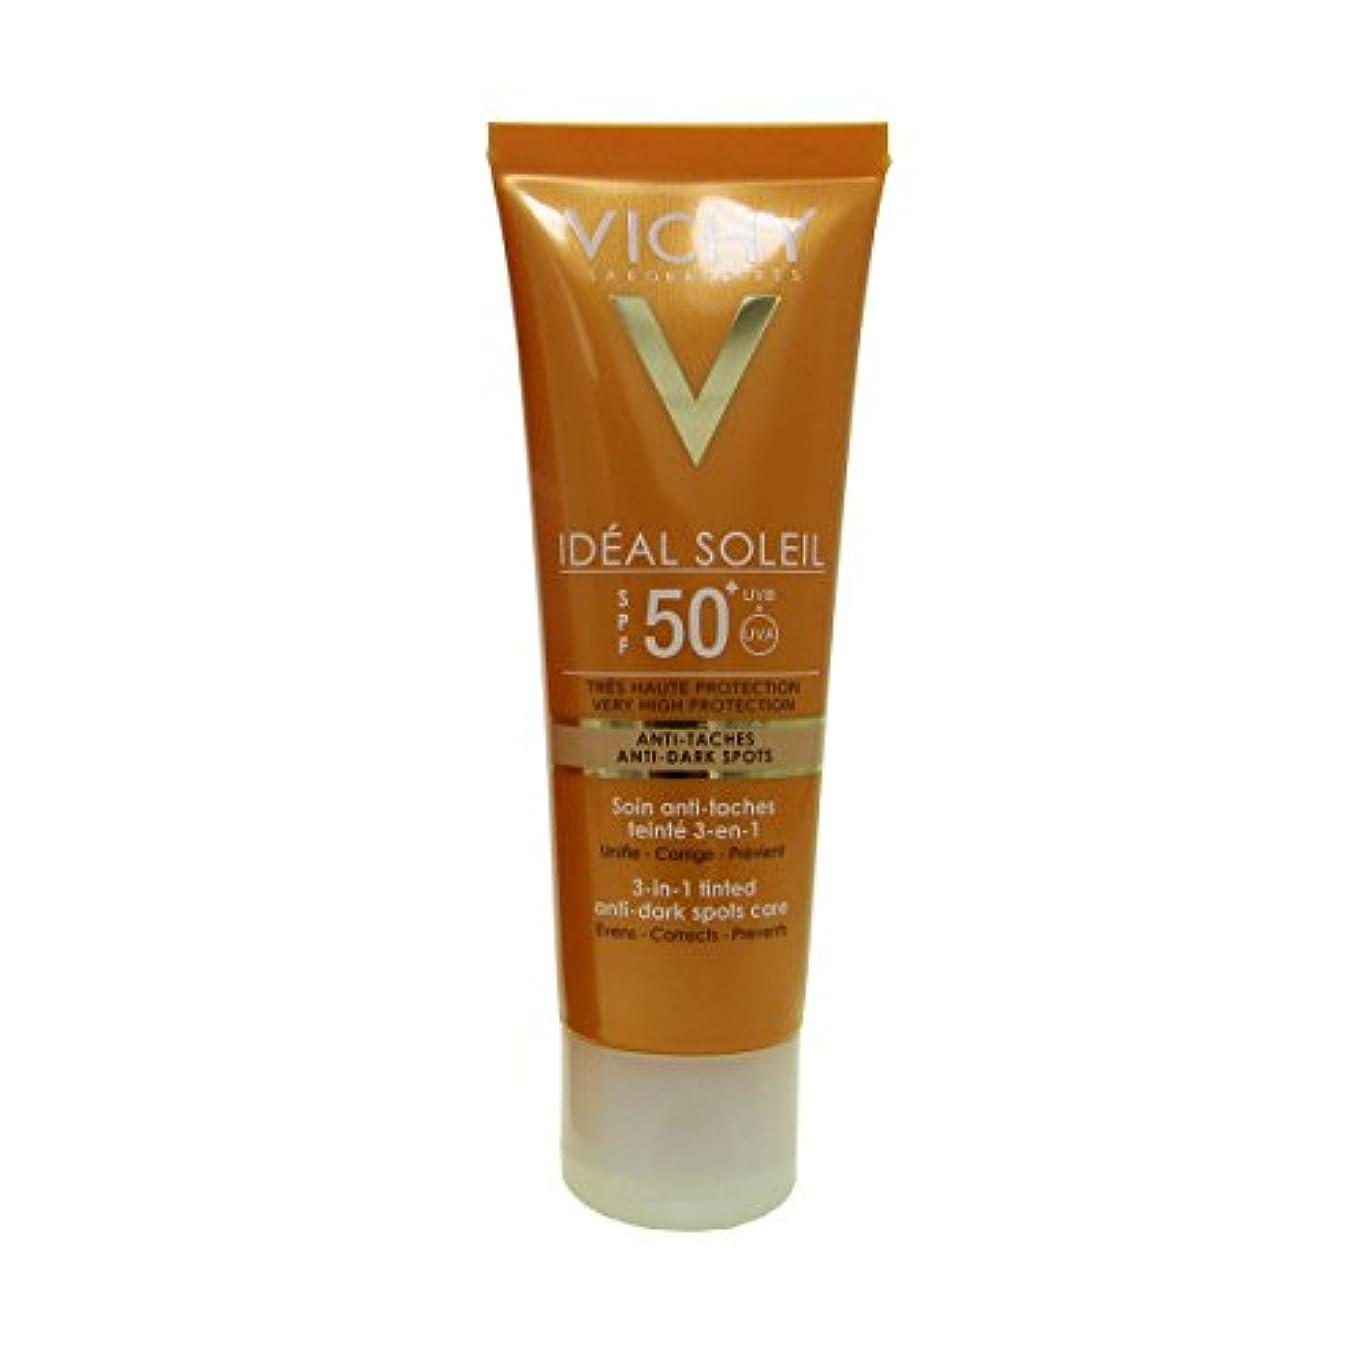 限り未使用見るVichy Capital Soleil Ideal Soleil 3-in-1 Tinted Anti-dark Spots Care Spf50 50ml [並行輸入品]